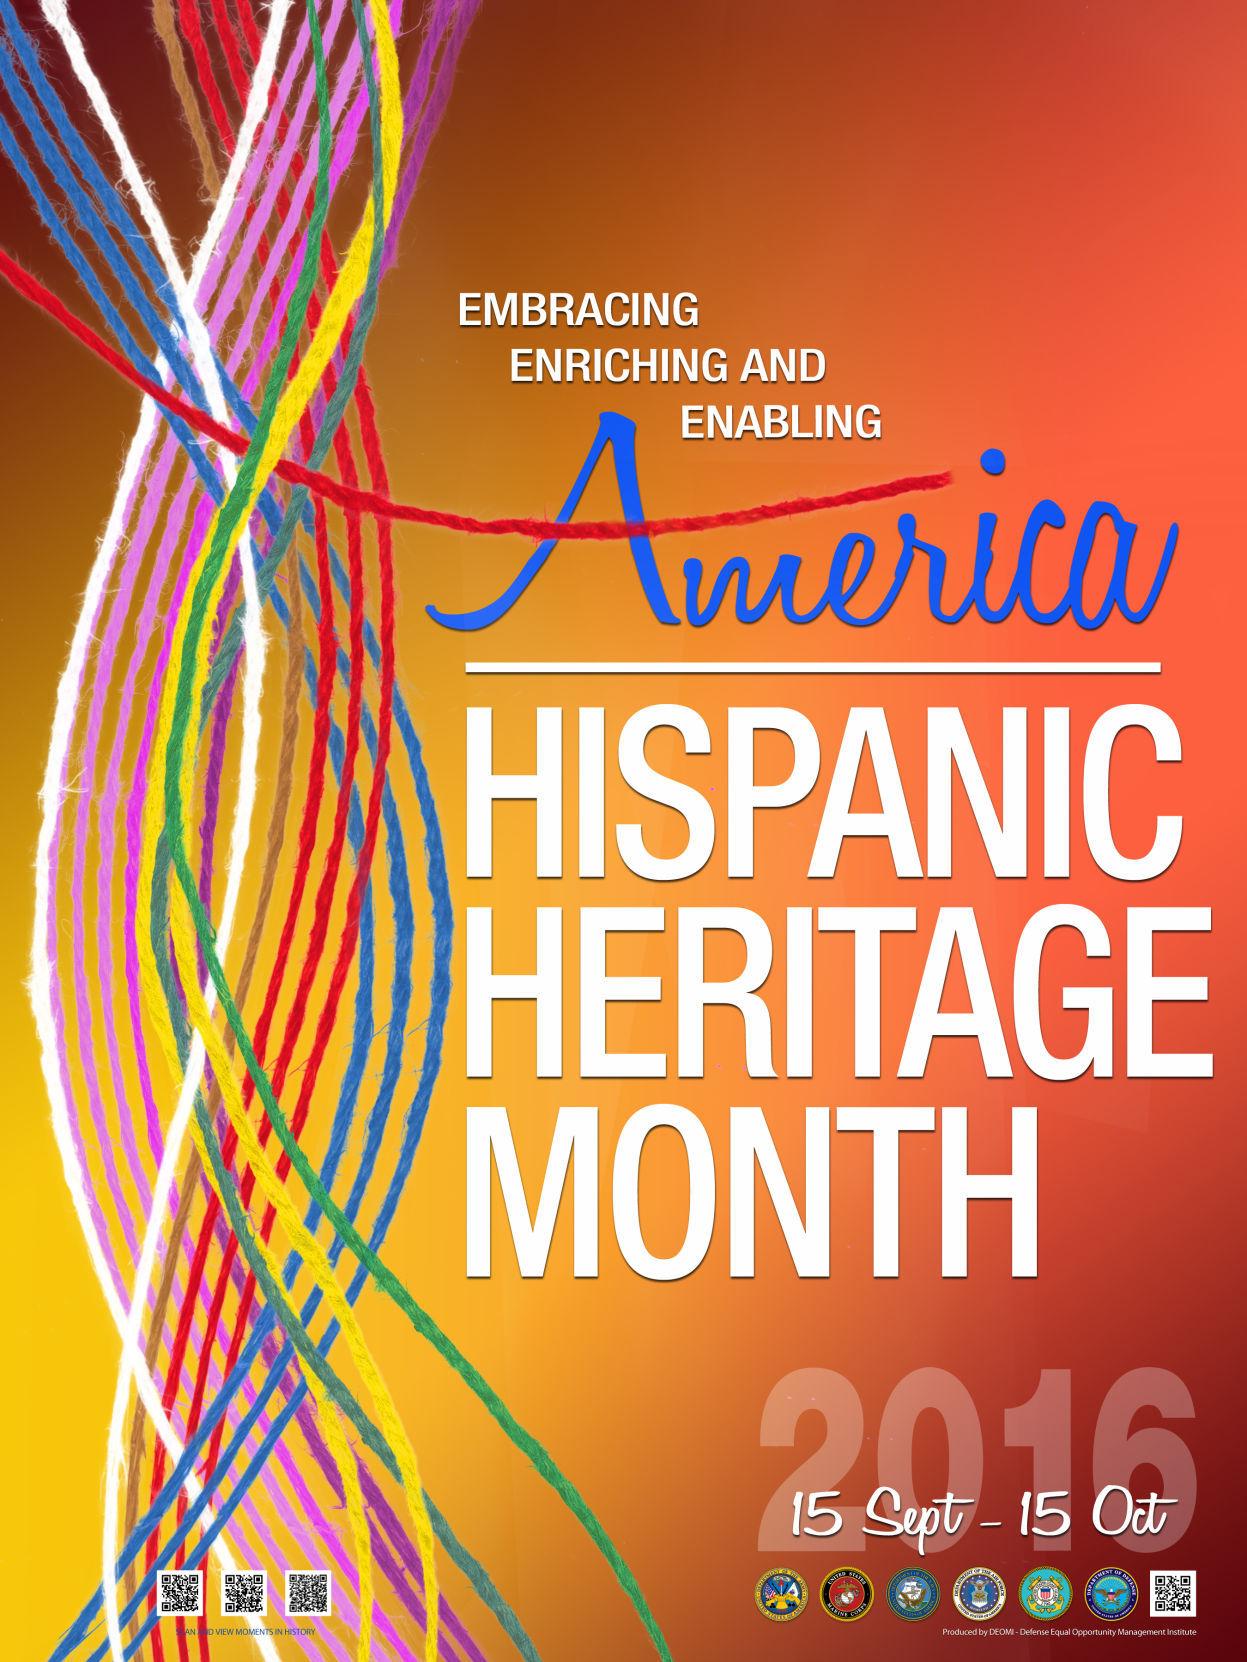 Celebrating National Hispanic Heritage Month Community